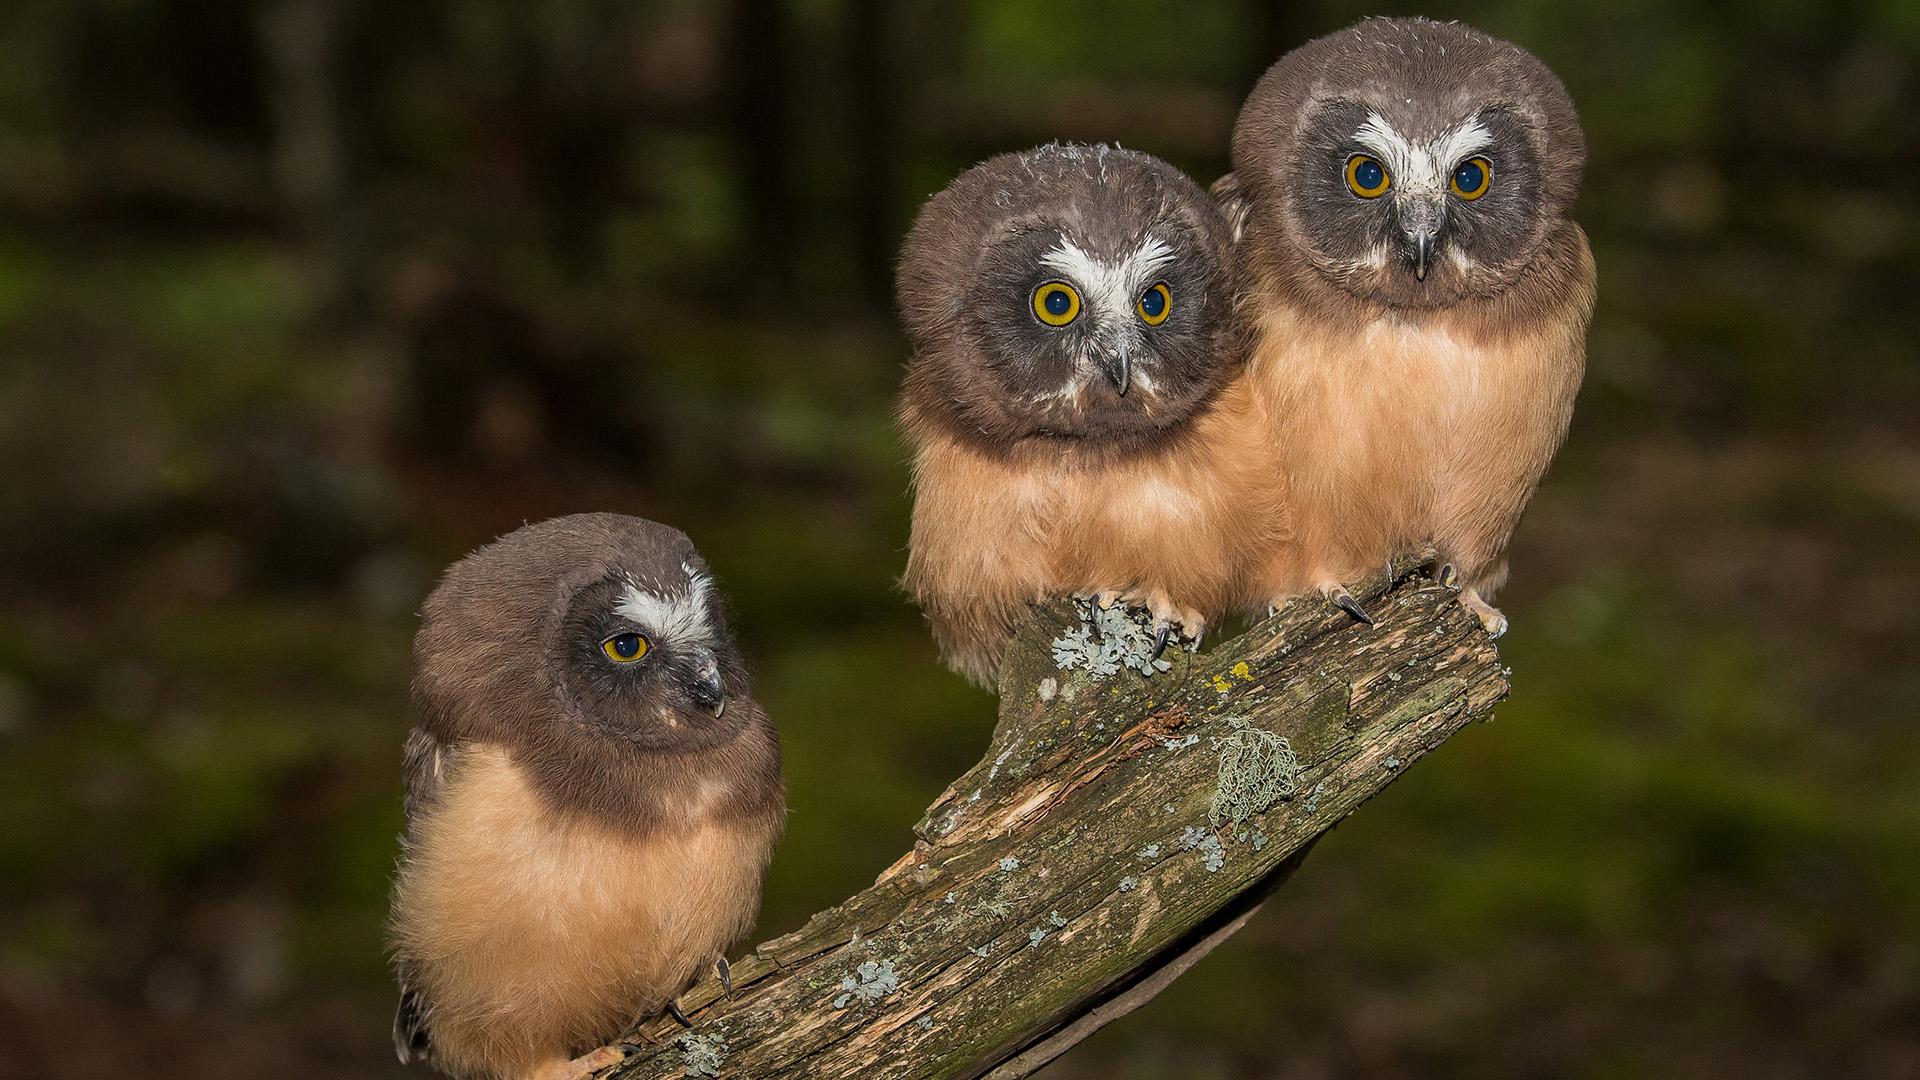 萌宠动物,小鸟天地,猫头鹰,宝宝,枯树